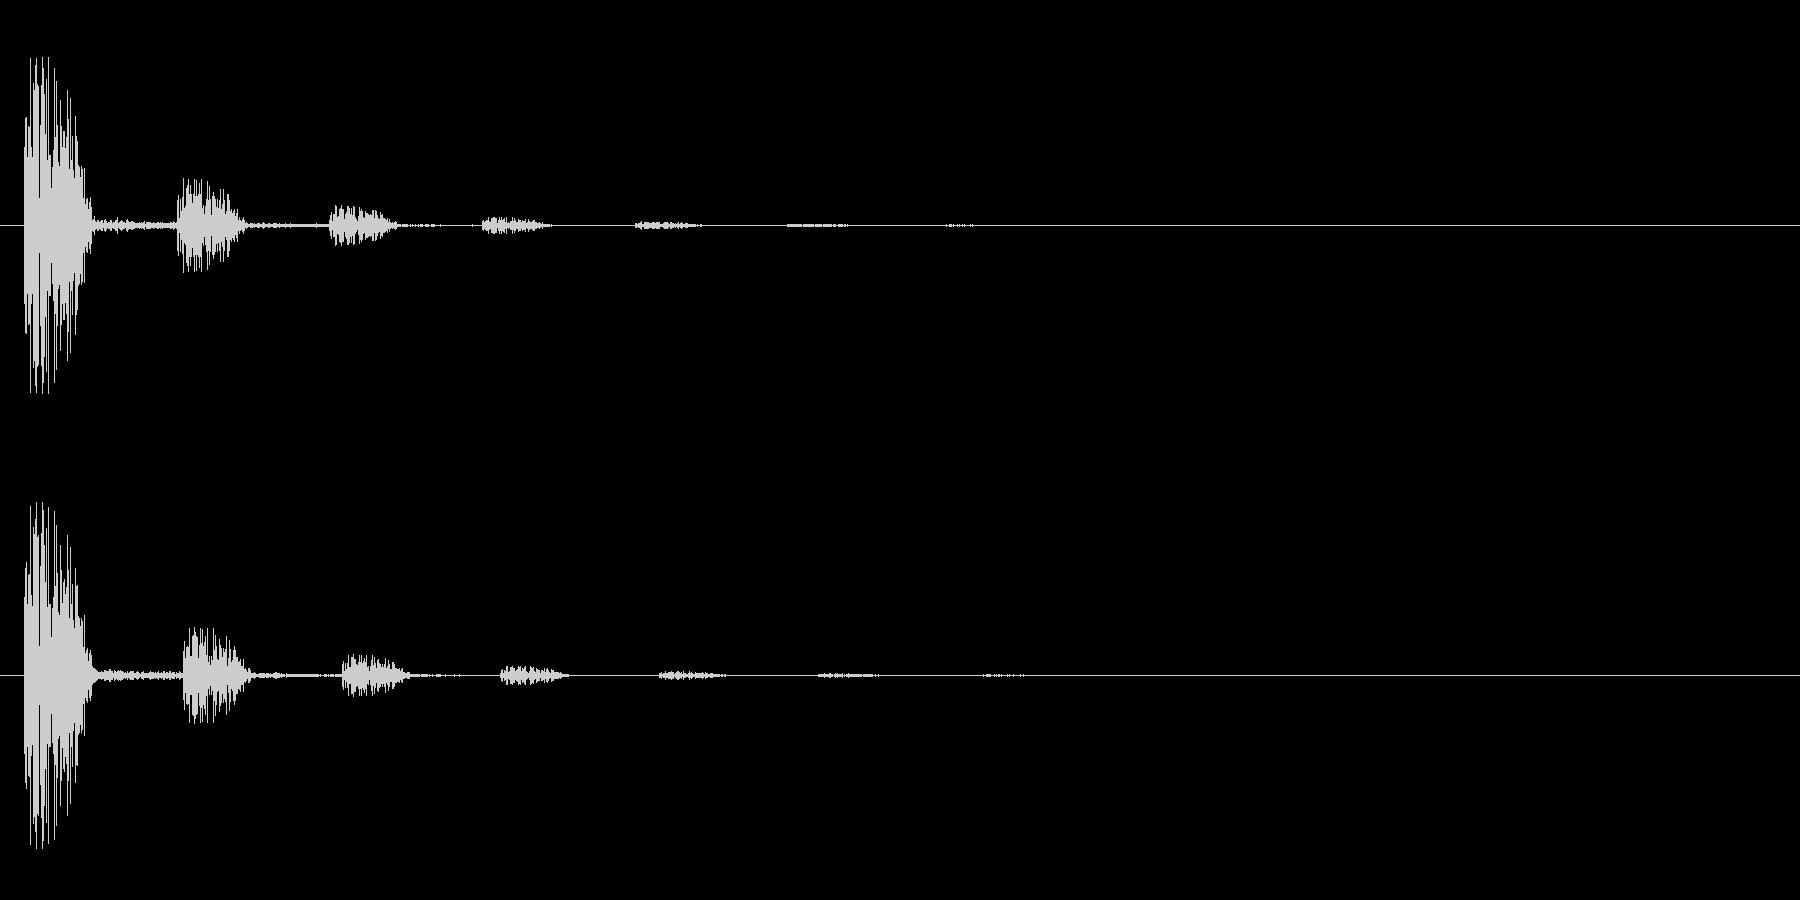 レーザー音-32-2の未再生の波形